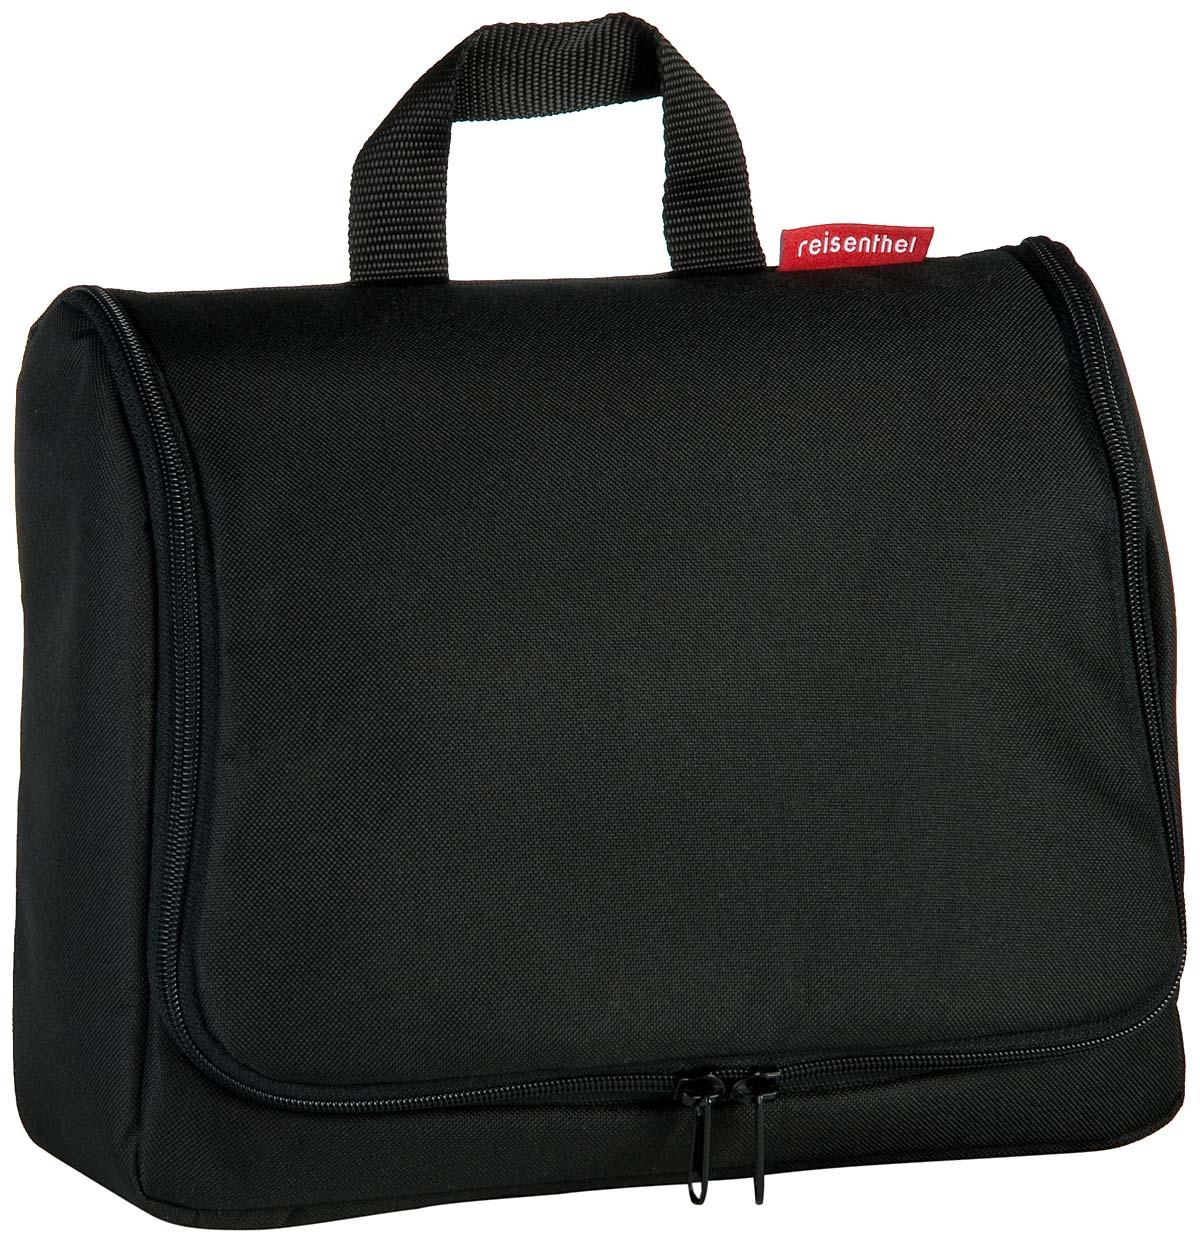 toiletbag XL Black (innen: Schwarz)